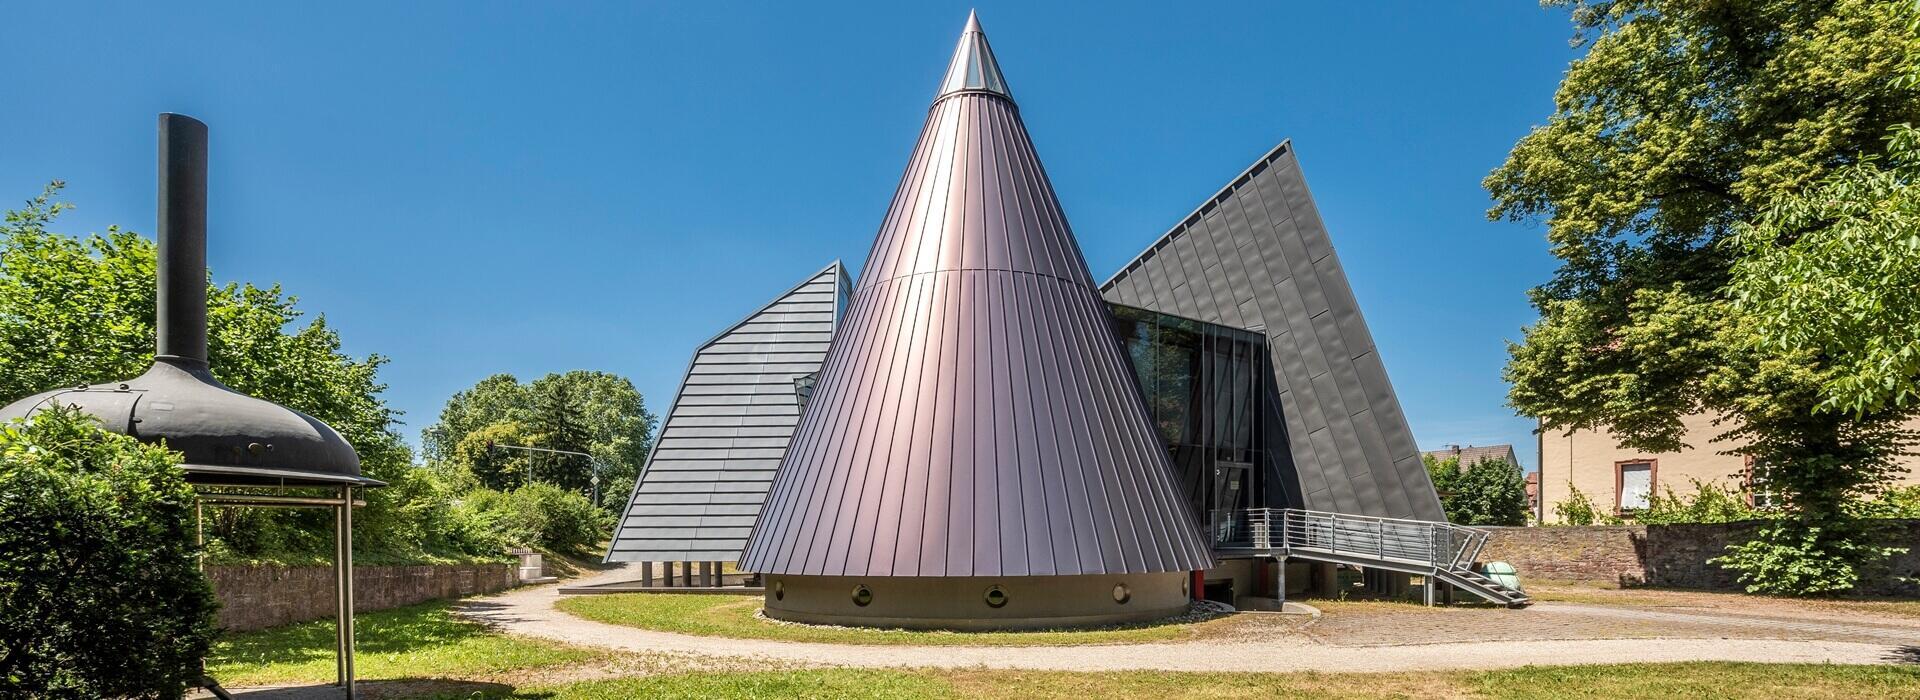 Klemptnermuseum_Karlstadt_Main_Spessart